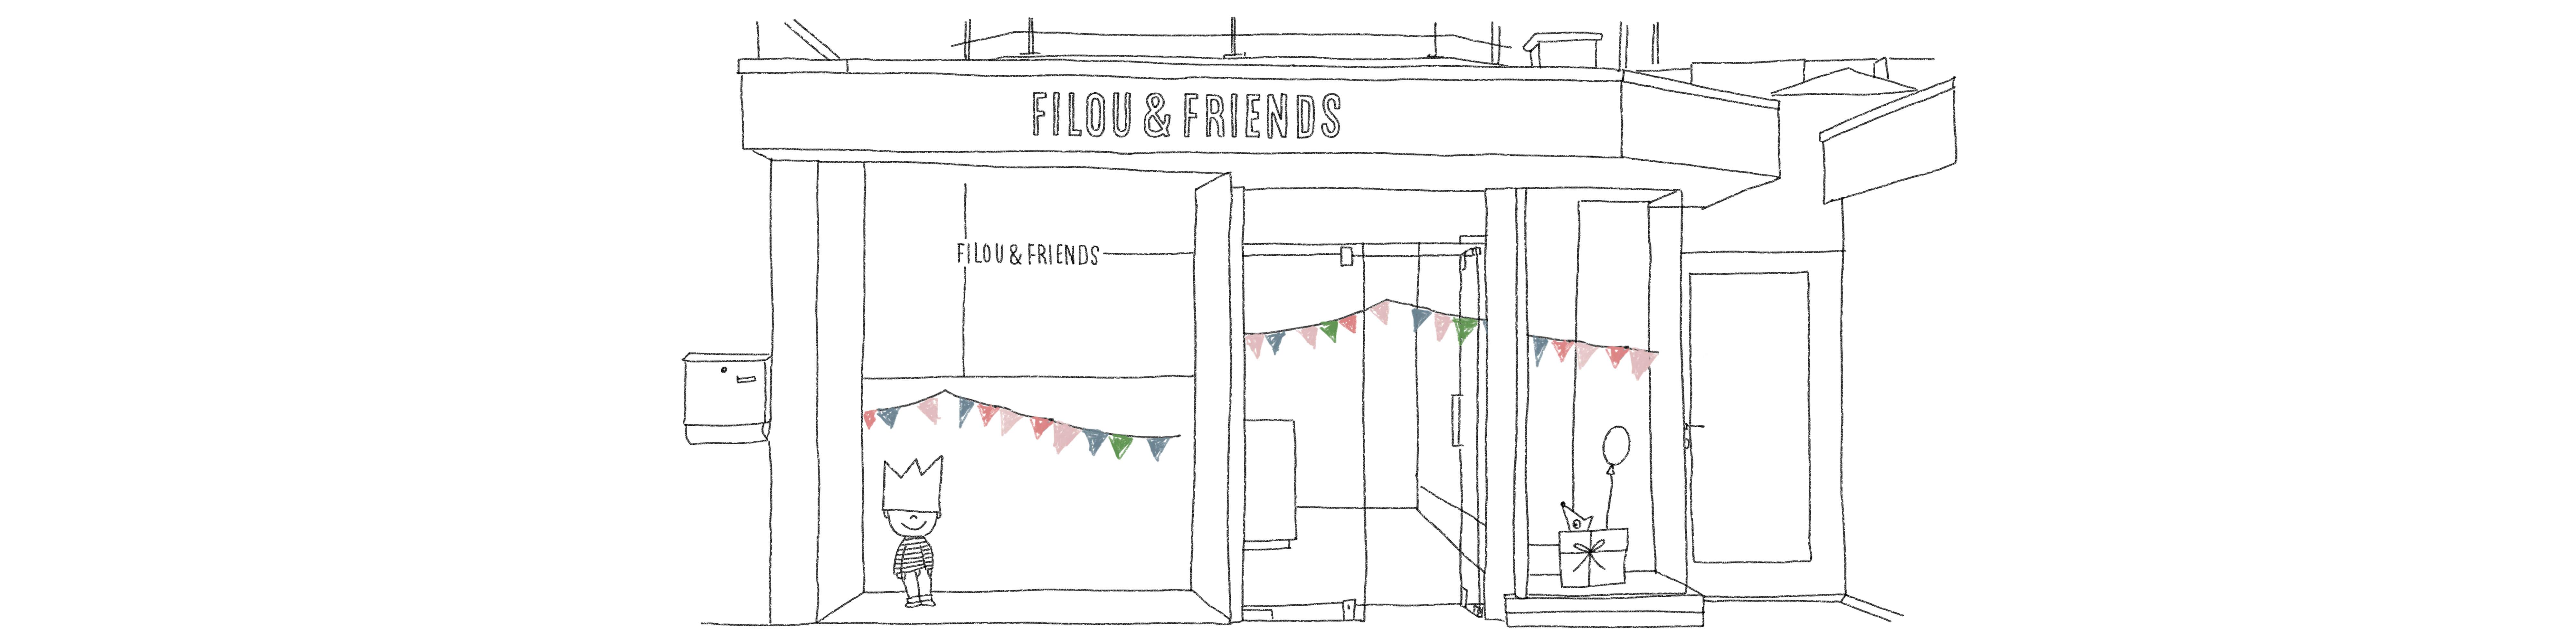 FILOU & FRIENDS NIEUWPOORT